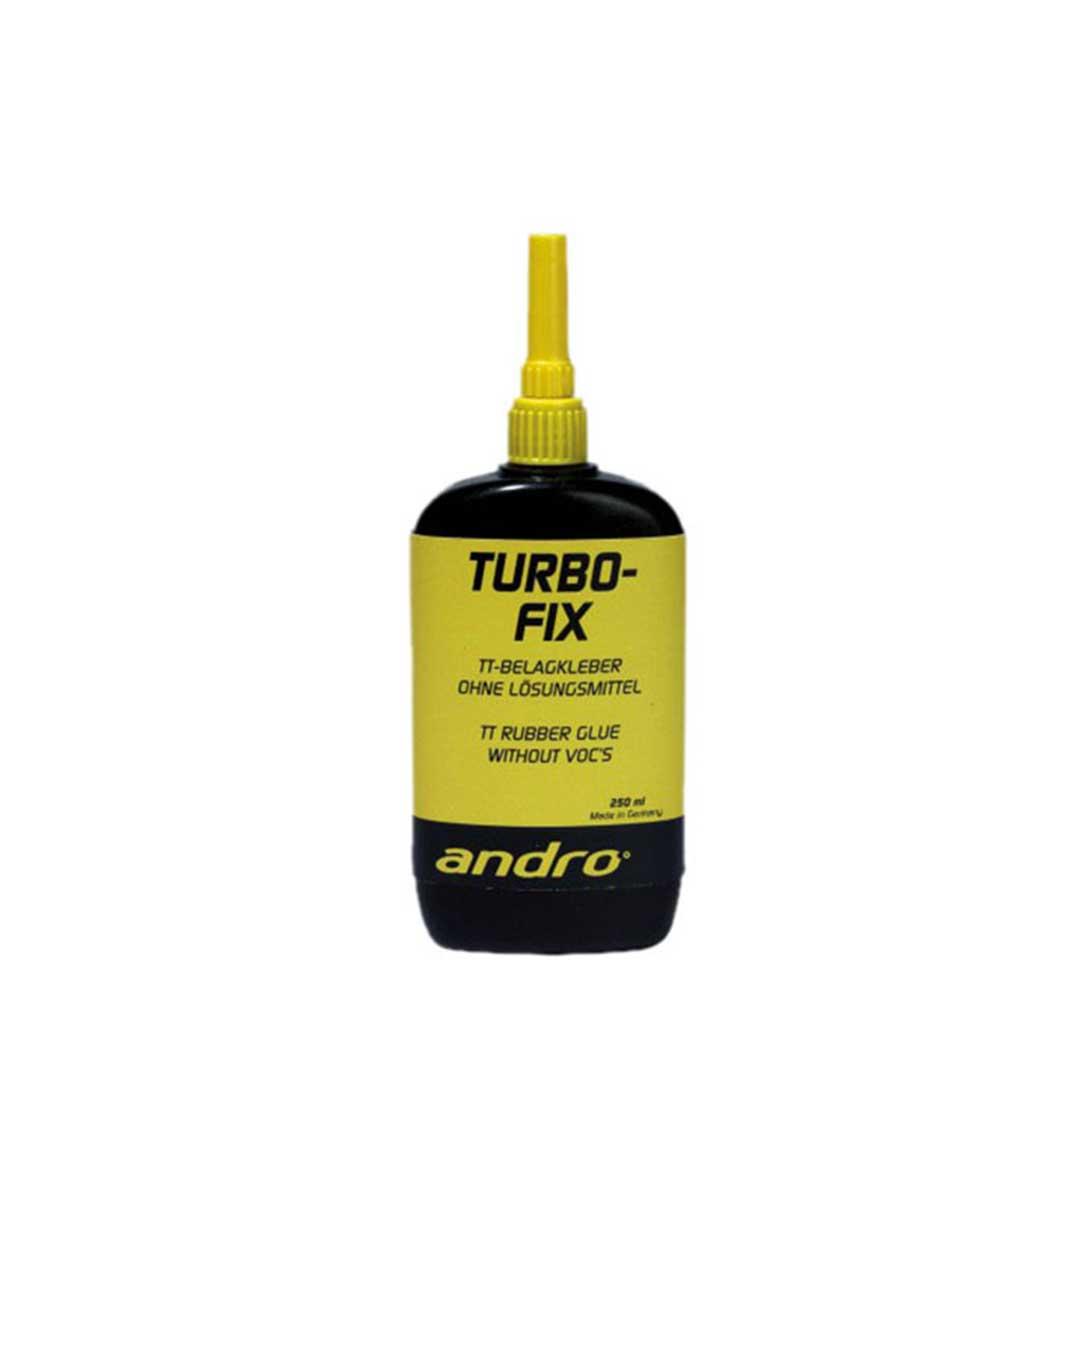 Pegamento para Gomas de Tenis de Mesa (Ping Pong) Turbo Fix Andro 250ml